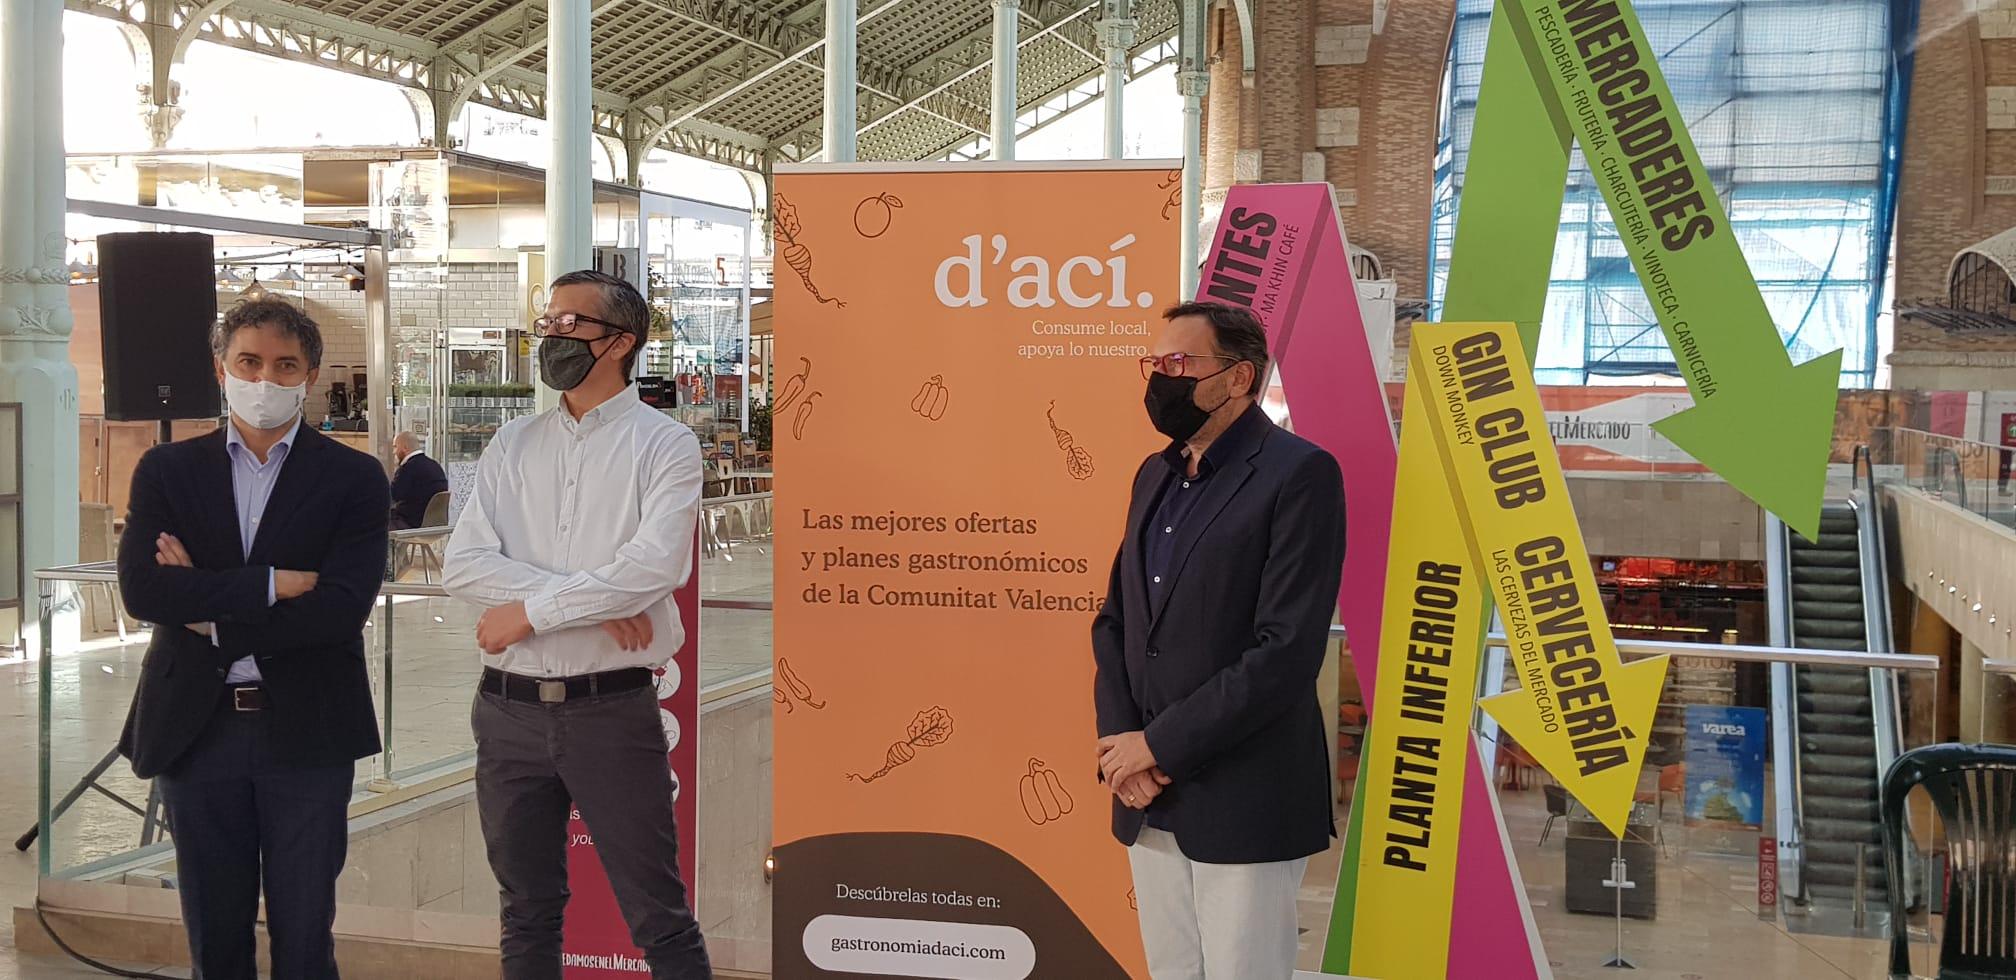 Colomer subraya que la hostelería de la Comunitat Valenciana ha liderado la aplicación de los protocolos de seguridad frente a la COVID-19